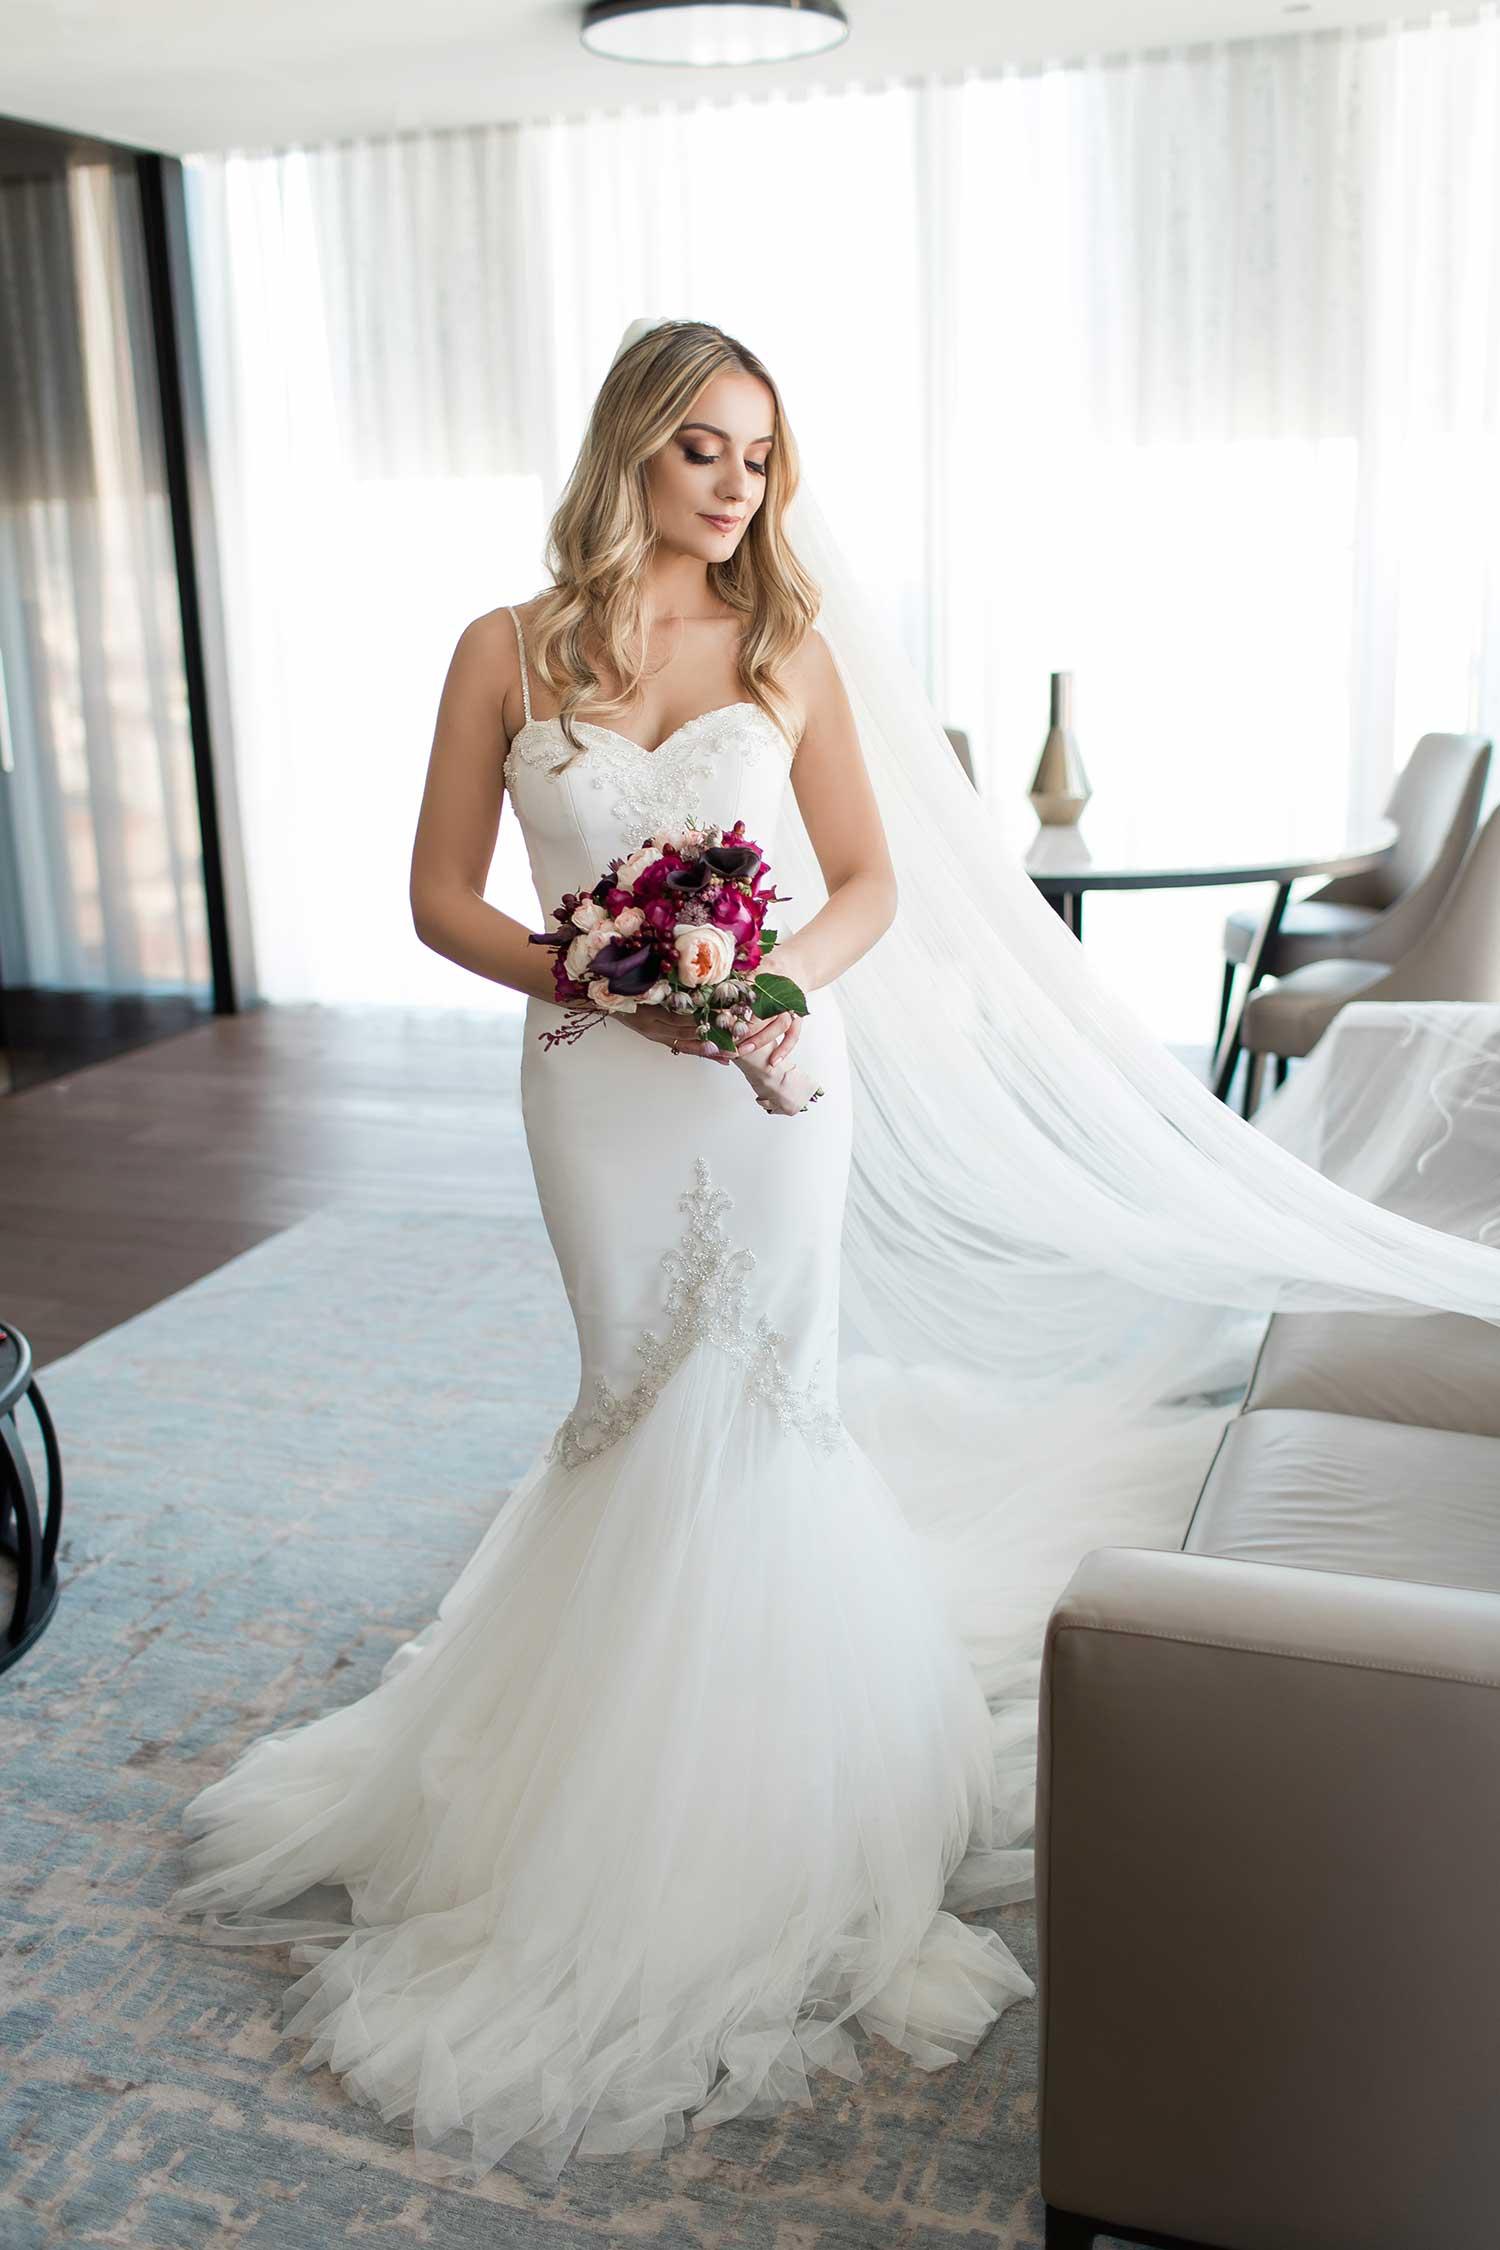 Blonde bride with flower bouquet